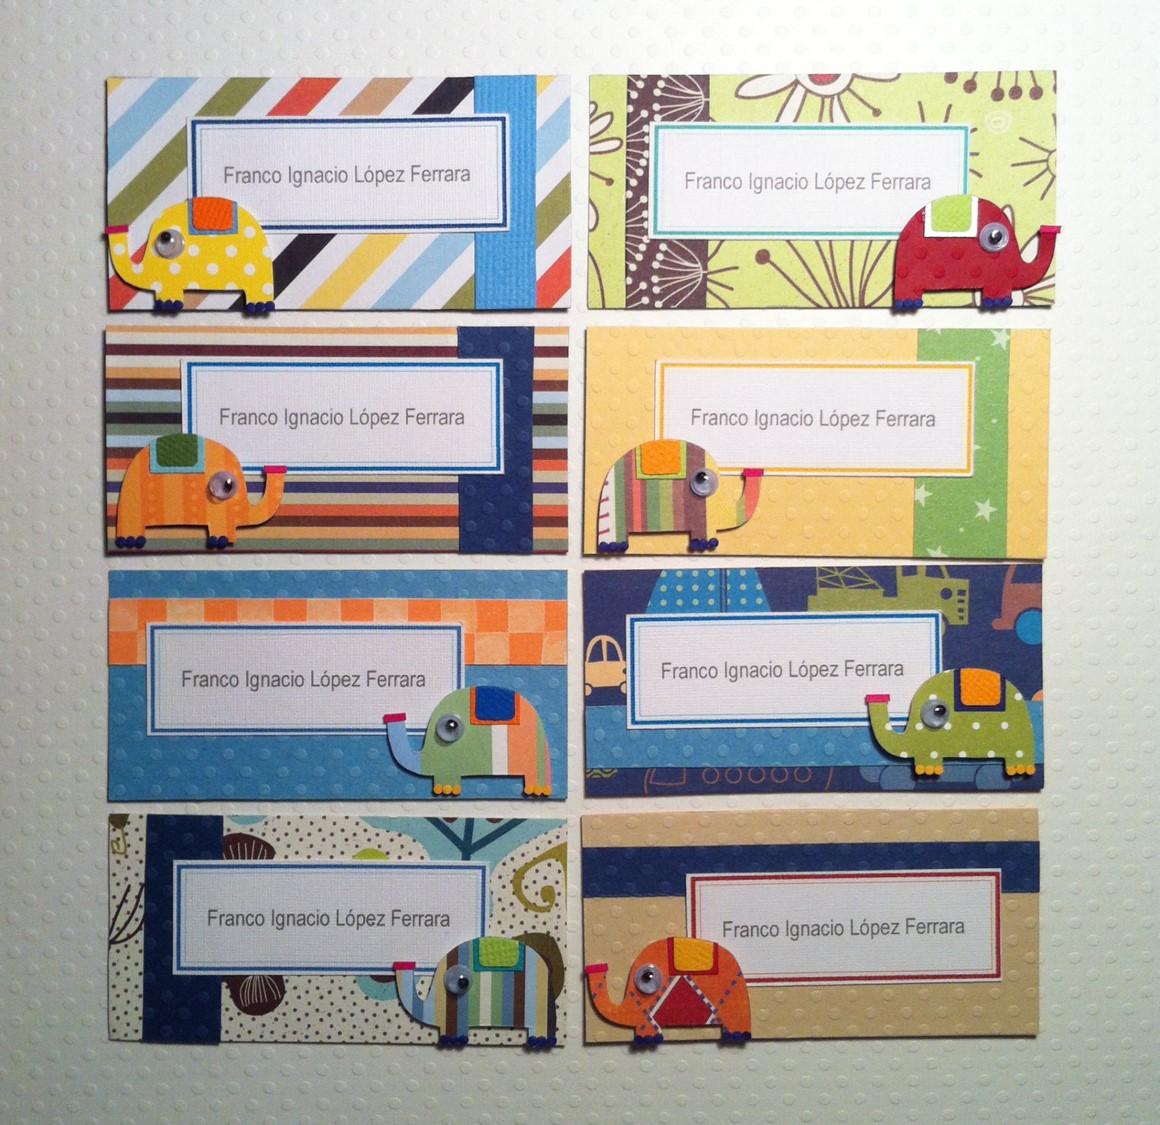 tarjetas de presentacin para originales con materiales importados